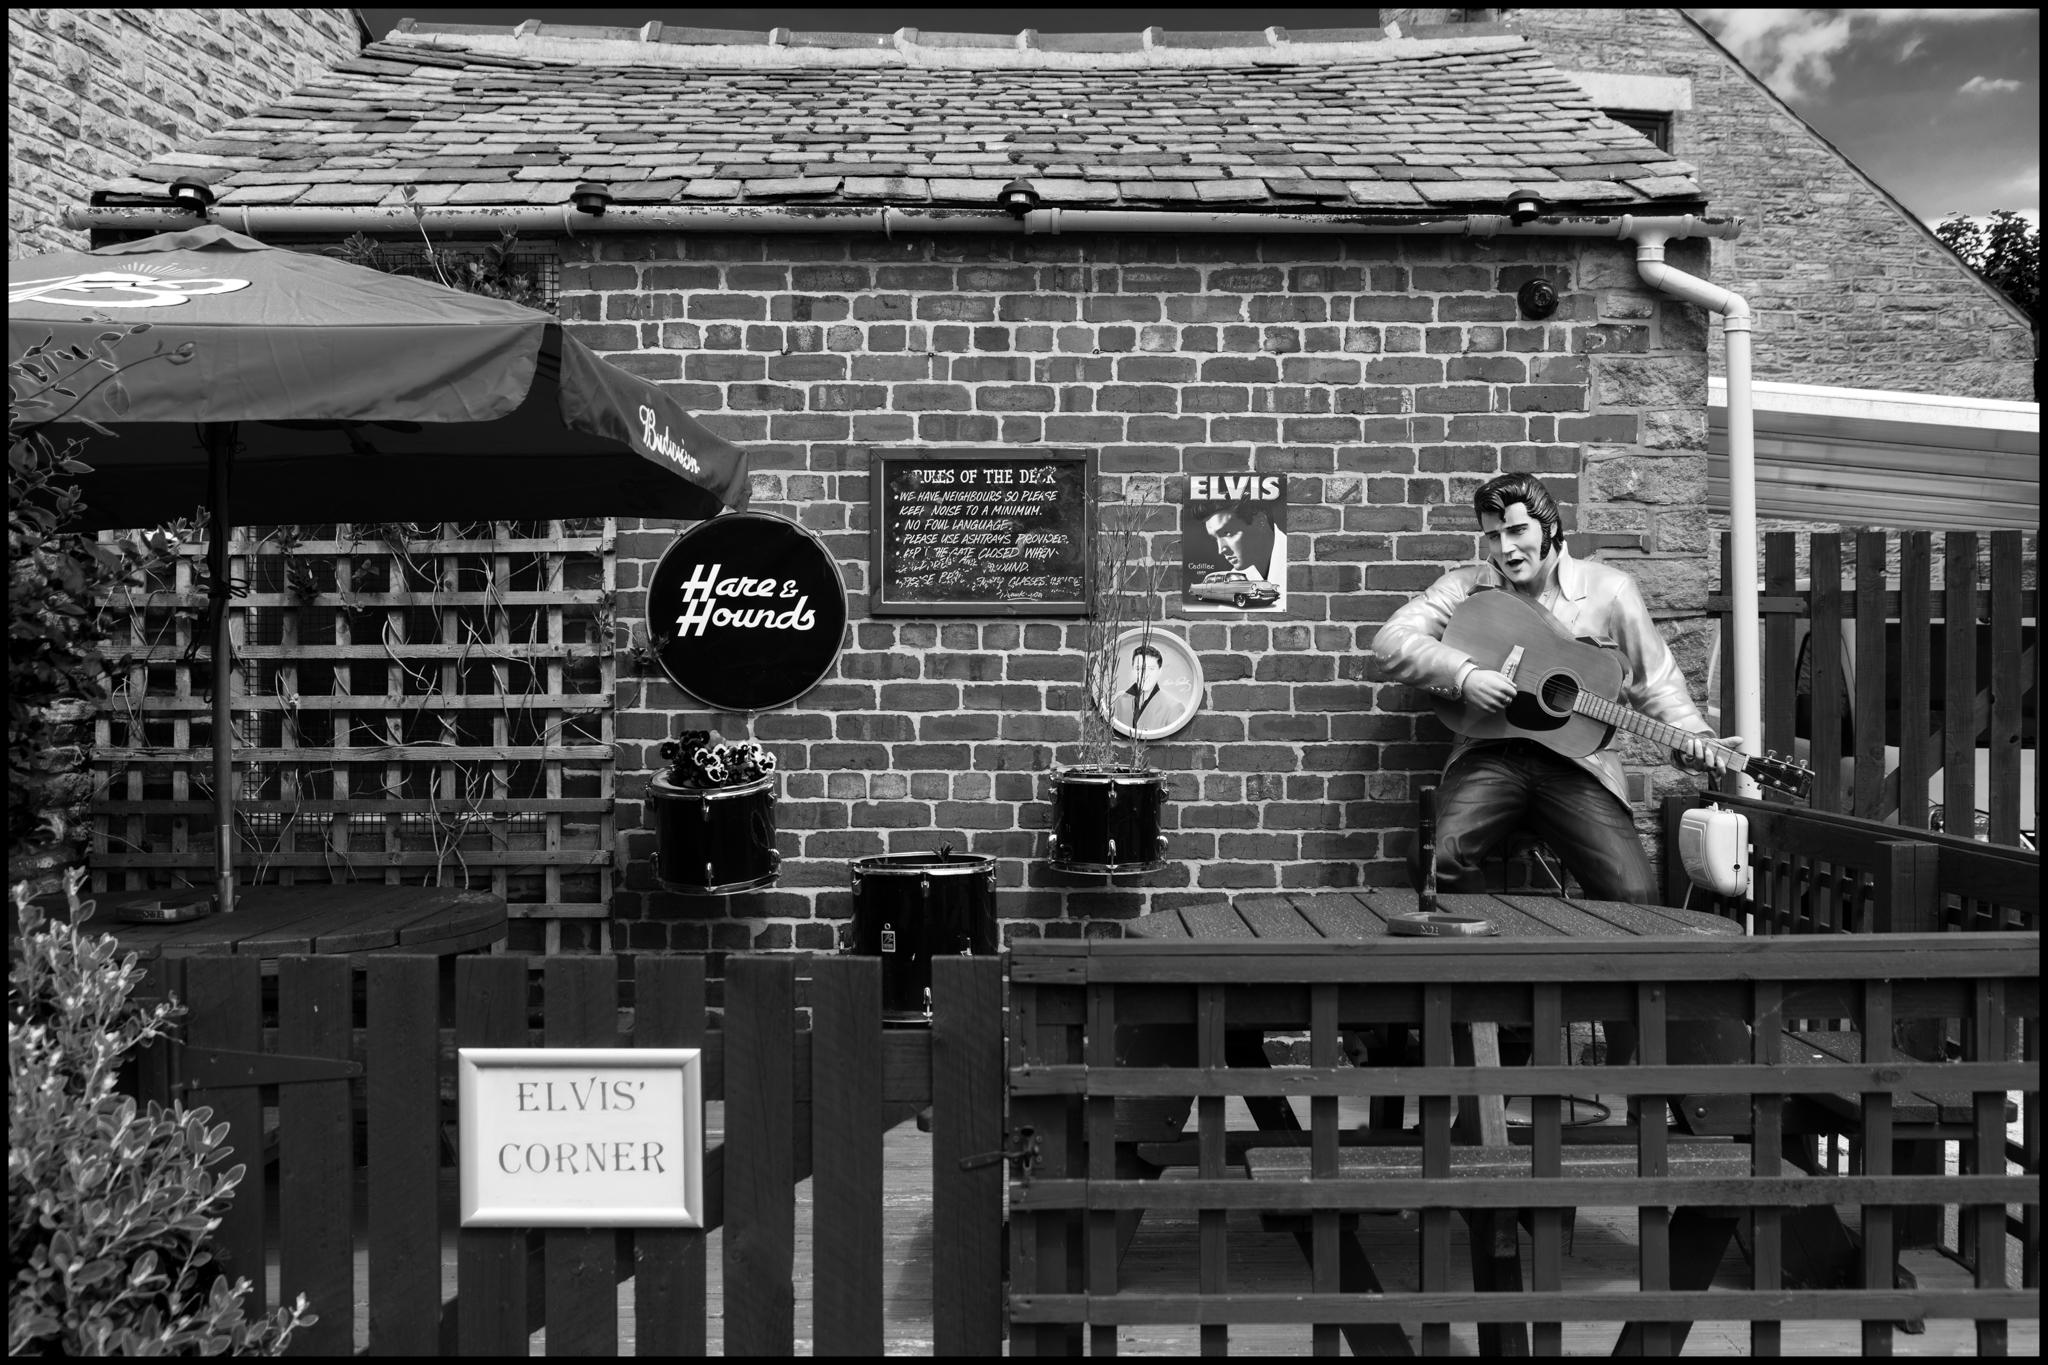 27 May 2019 - Elvis's corner, New Mills UK